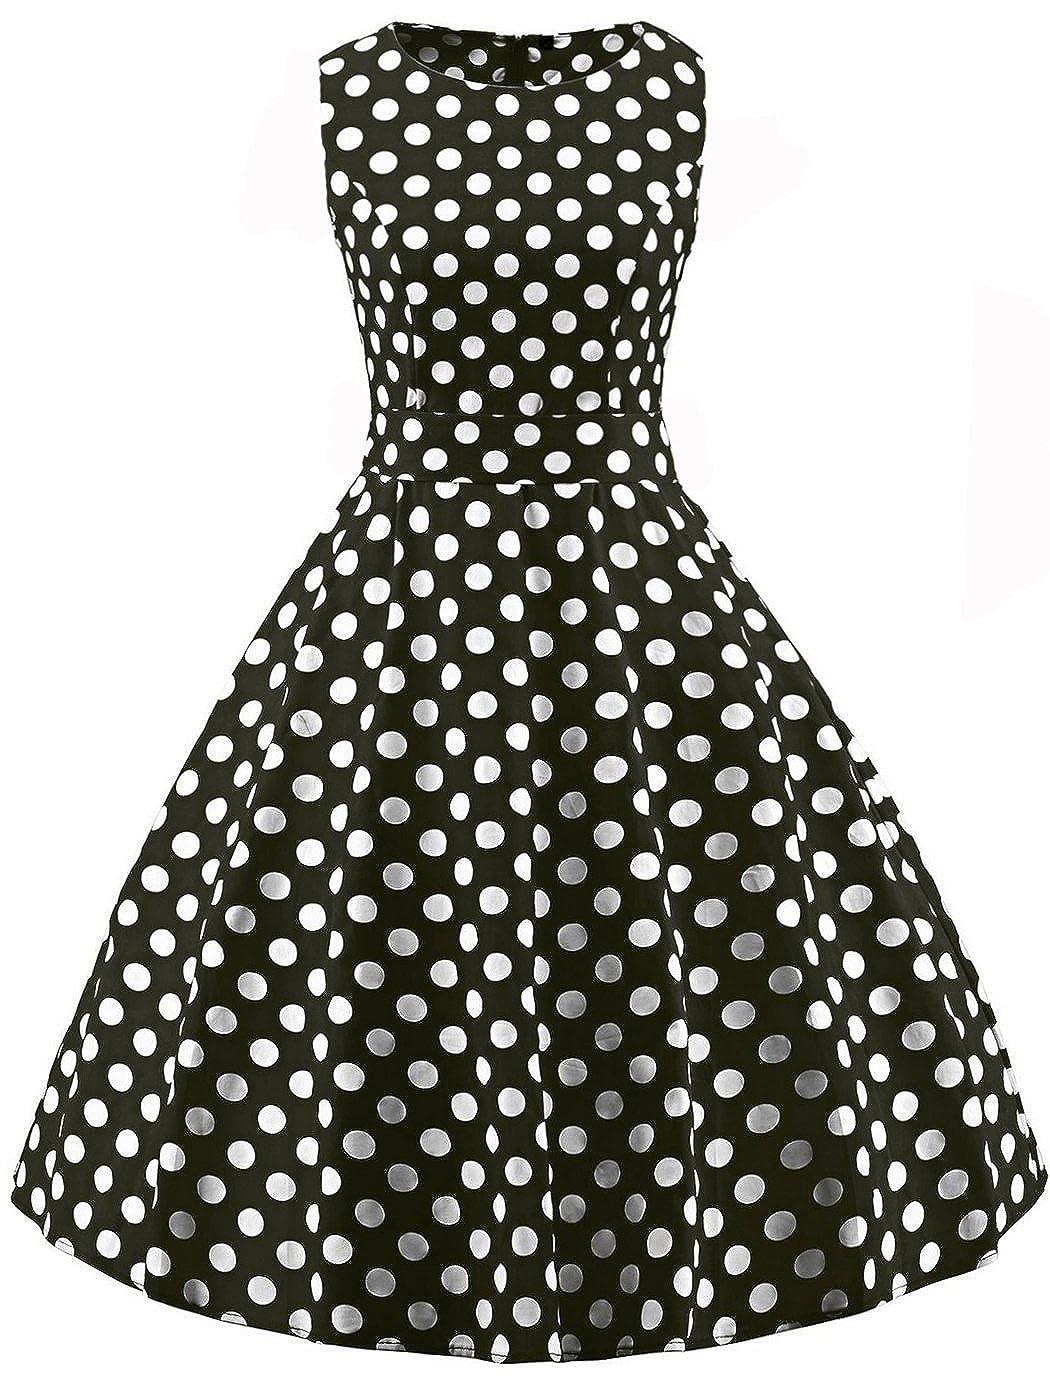 TALLA 4XL. FAIRY COUPLE 50s Vestido de Partido Floral Retro del Oscilación del Cóctel del Vintage con el Arco DRT017 Puntos Blancos Negros 4XL